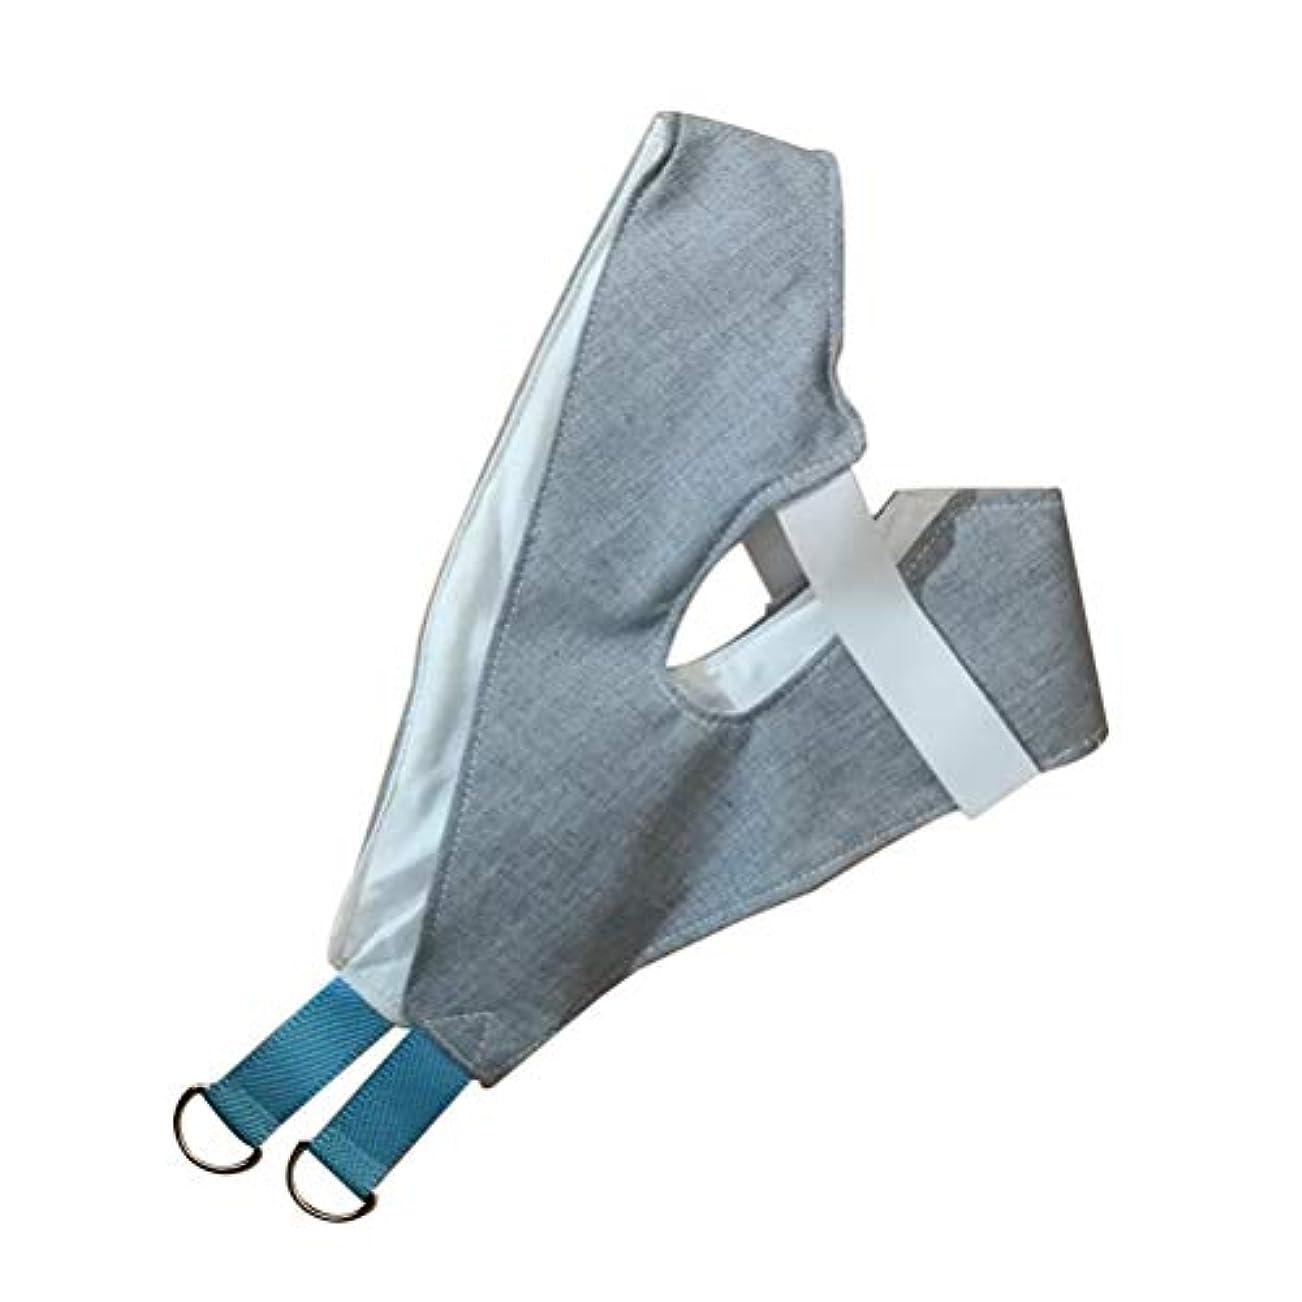 委託ポットブレスHEALLILY ホームネック牽引装置(ドアの向こう側)頸部牽引装置ユニット肩括弧頭痛緩和および回復用具(ラムダムカラー)